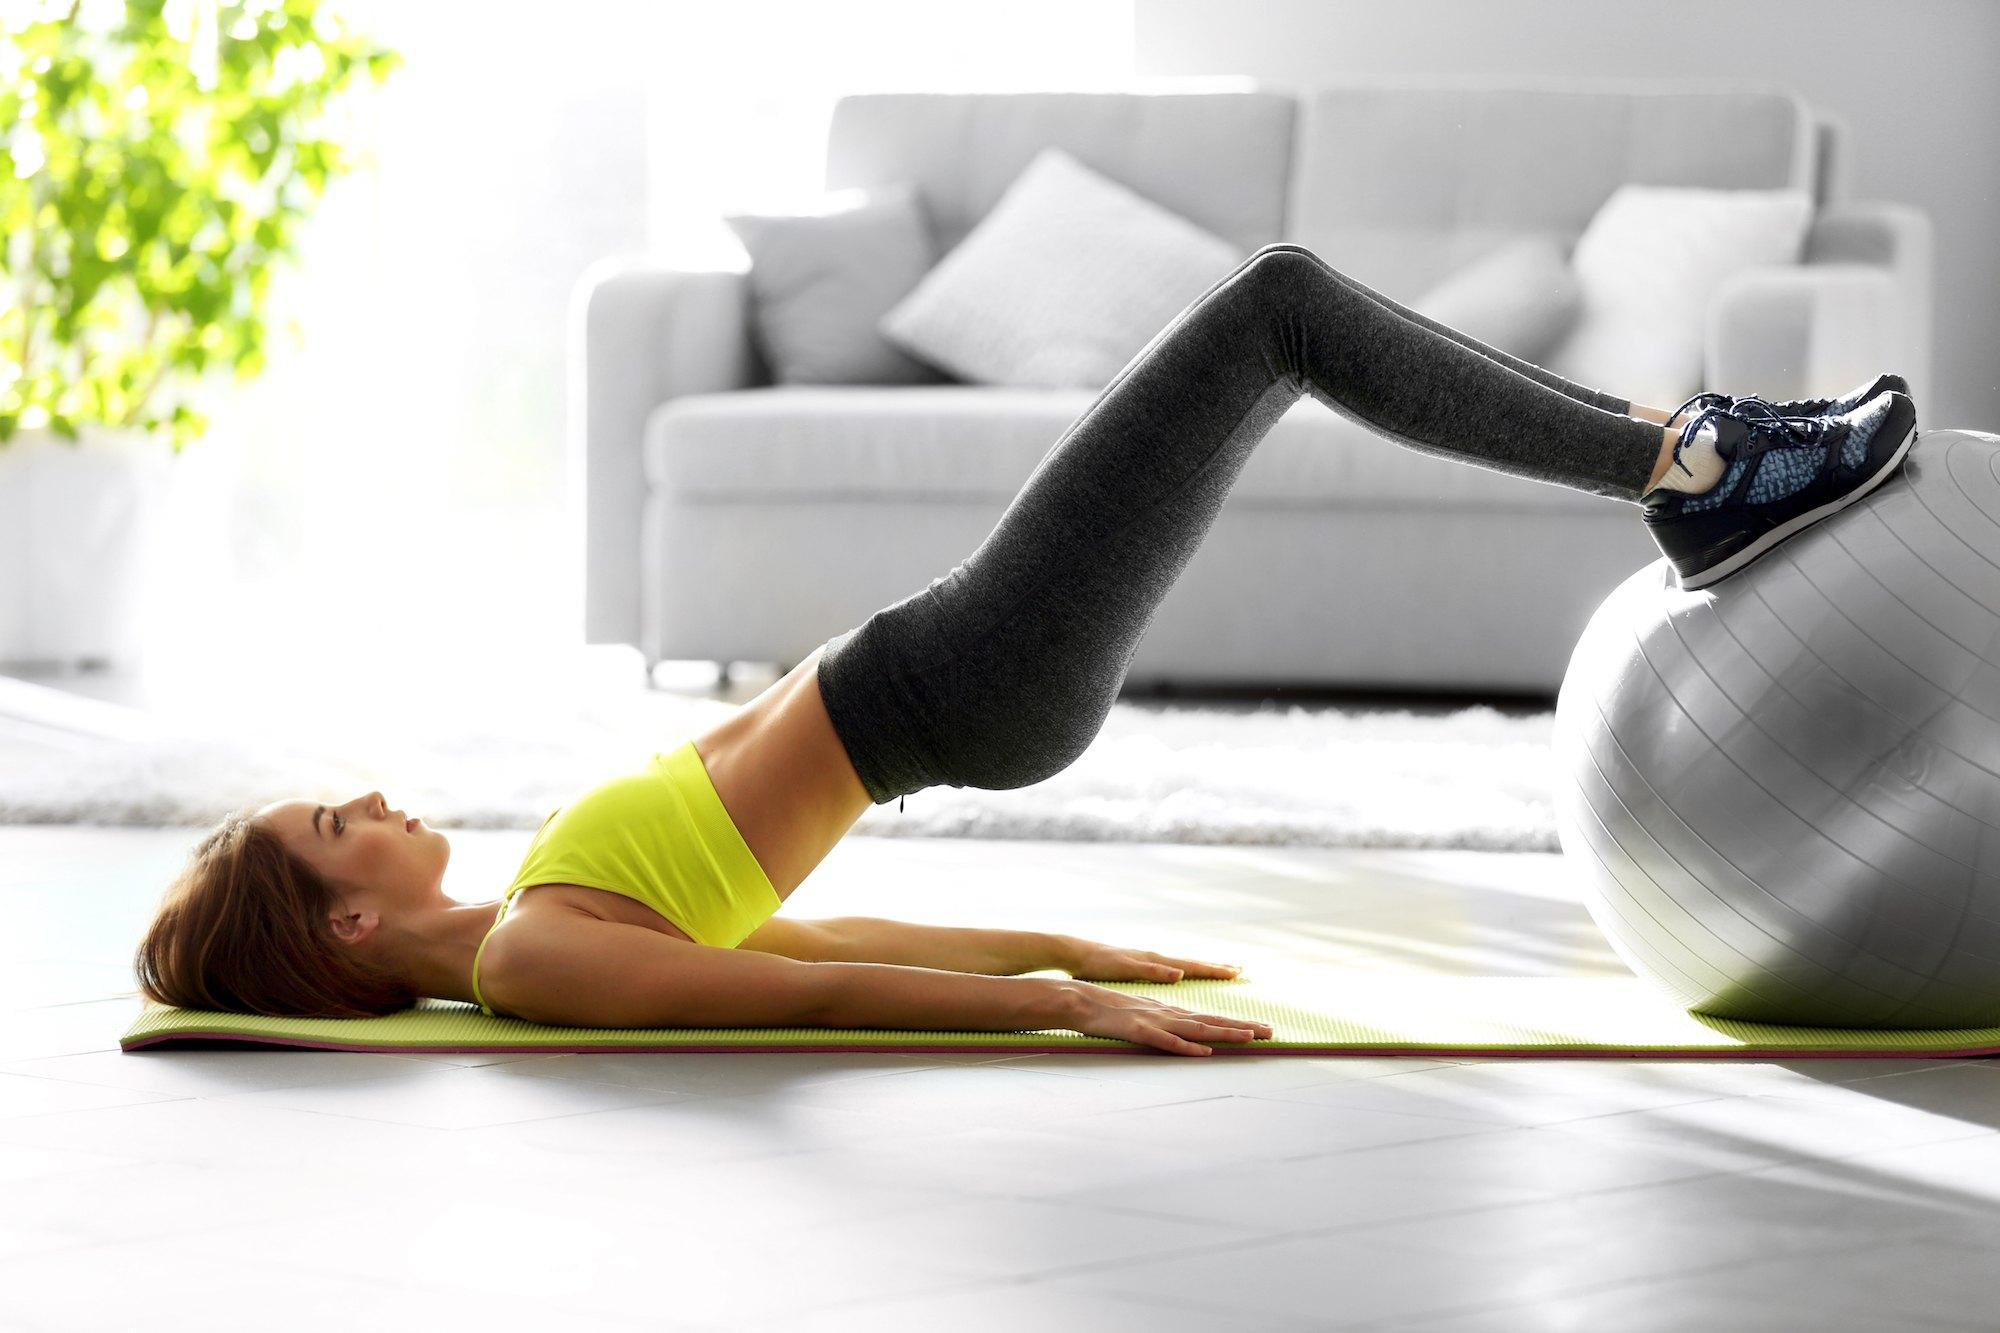 Дыхательная гимнастика для похудения живота: как правильно делать вакуум и другие дыхательные упражнения пранаямы, чтобы убрать живот